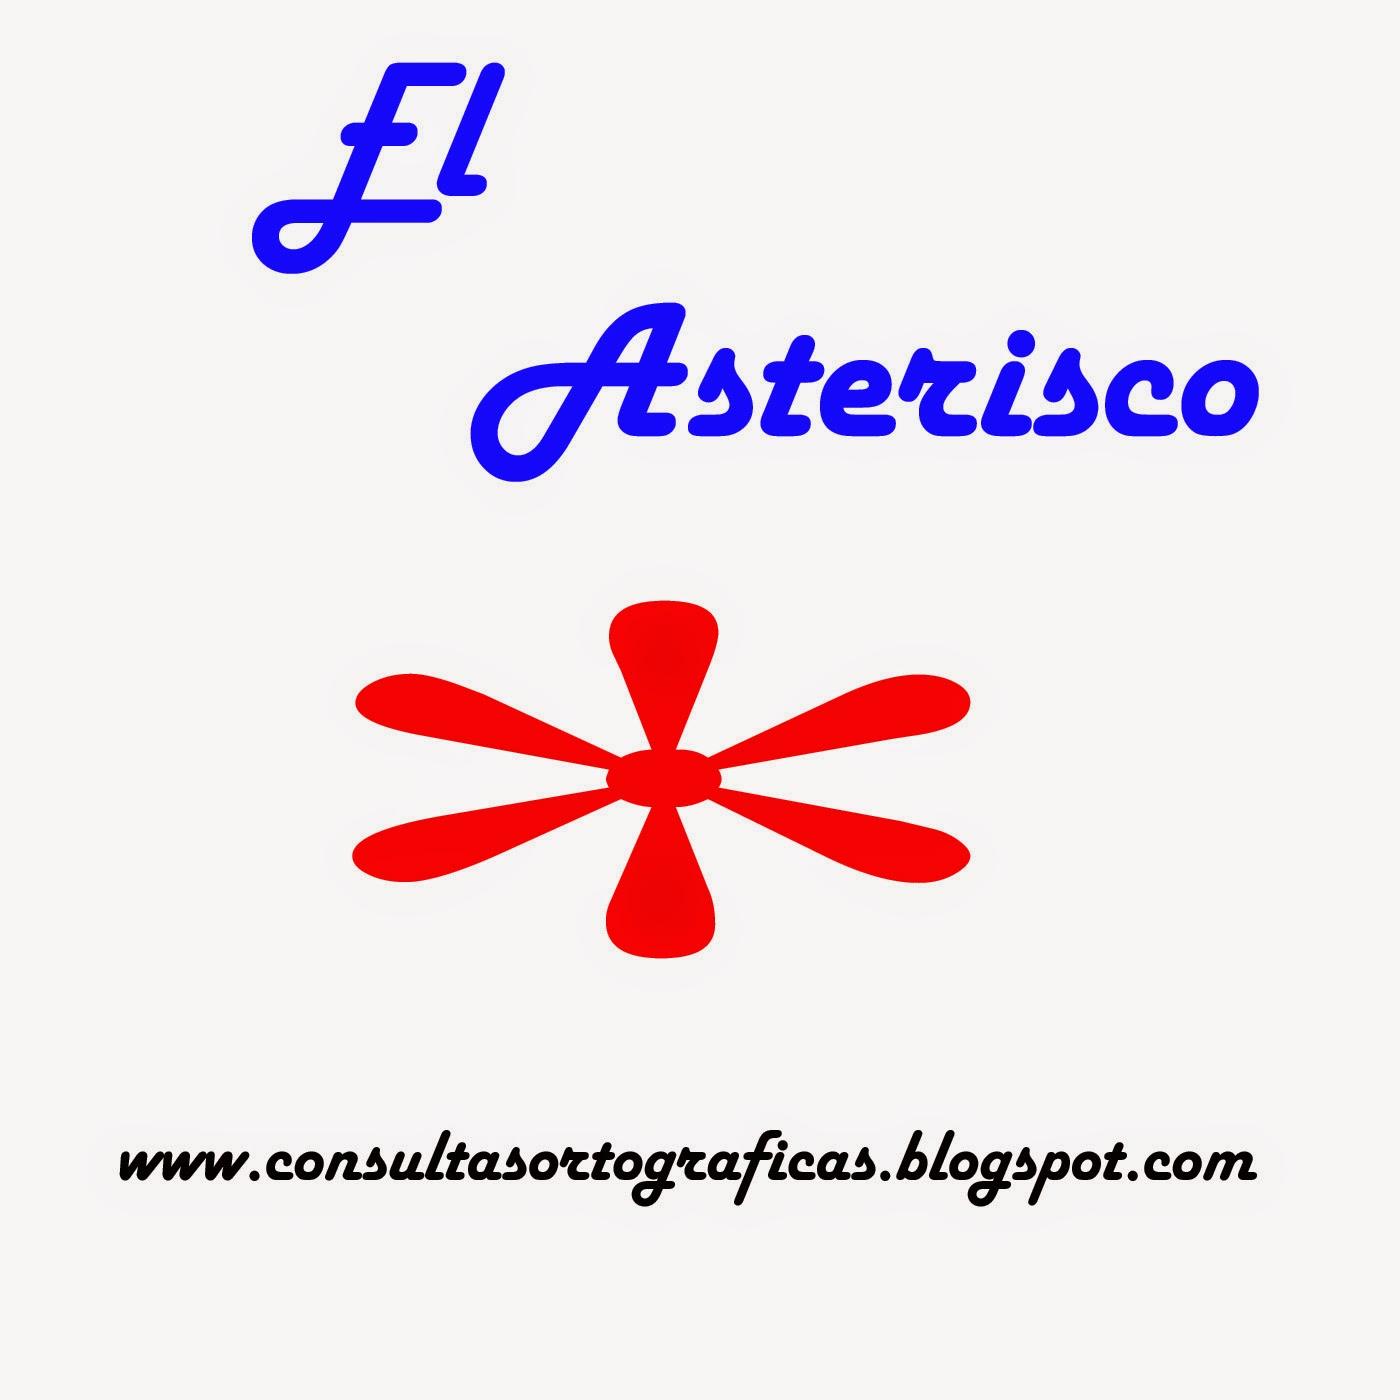 Consultas Ortogrficas  El Asterisco-8218